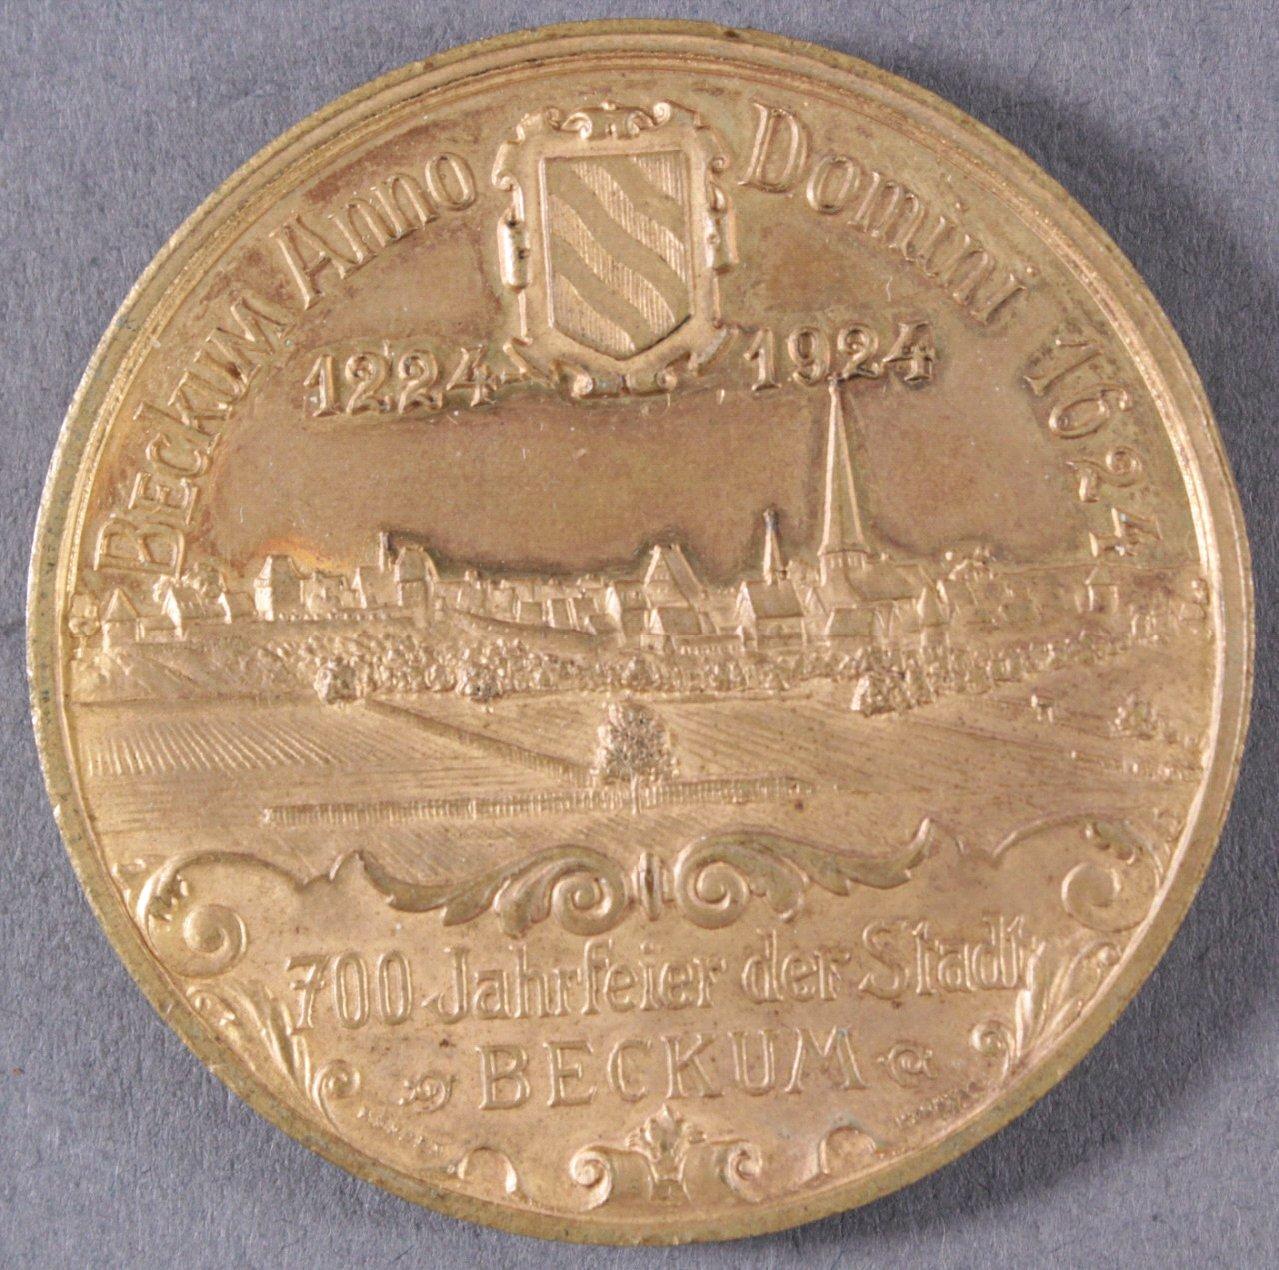 Medaille 700 Jahre Stadt Beckum 1924